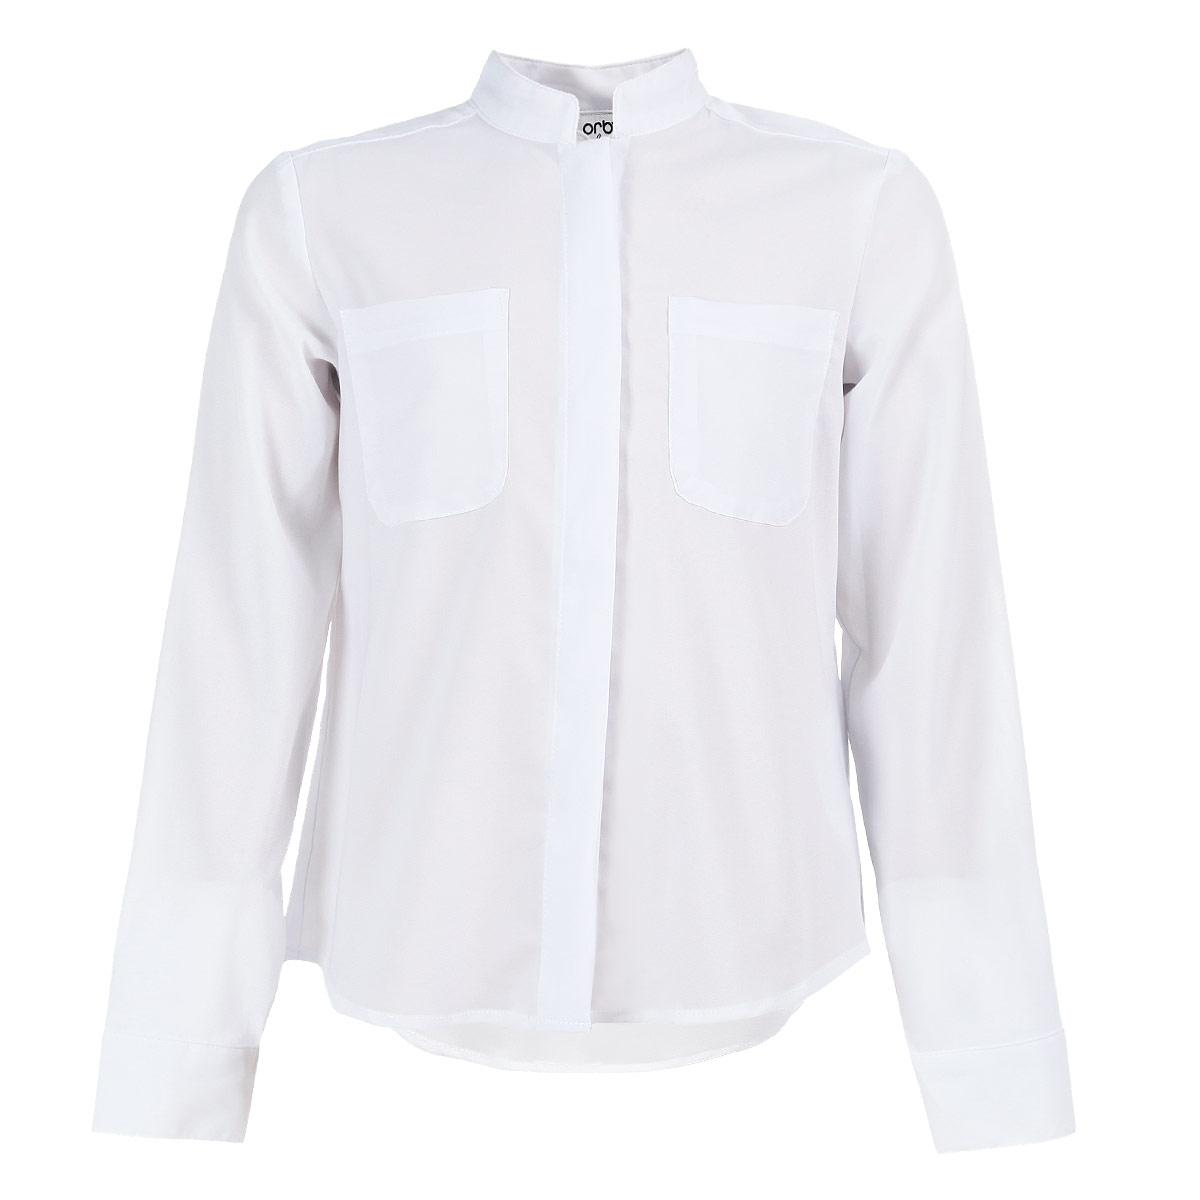 Блуза для девочки. 63063_OLG63063_OLGЛегкая, струящаяся блуза для девочки Orby идеально подойдет для школы. Изготовленная из полиэстера с добавлением вискозы, она необычайно мягкая, легкая и приятная на ощупь, не сковывает движения и позволяет коже дышать, не раздражает даже самую нежную и чувствительную кожу ребенка, обеспечивая ему наибольший комфорт. Блузка с небольшим воротником-стойкой и длинными рукавами застегивается на пластиковые пуговицы, скрытые под планкой. На груди предусмотрены два накладных кармана. Спинка модели удлинена и дополнена бантовой складкой. Такая блуза - незаменимая вещь для школьной формы, отлично сочетается с юбками, брюками и сарафанами. Эта модель всегда выглядит великолепно!